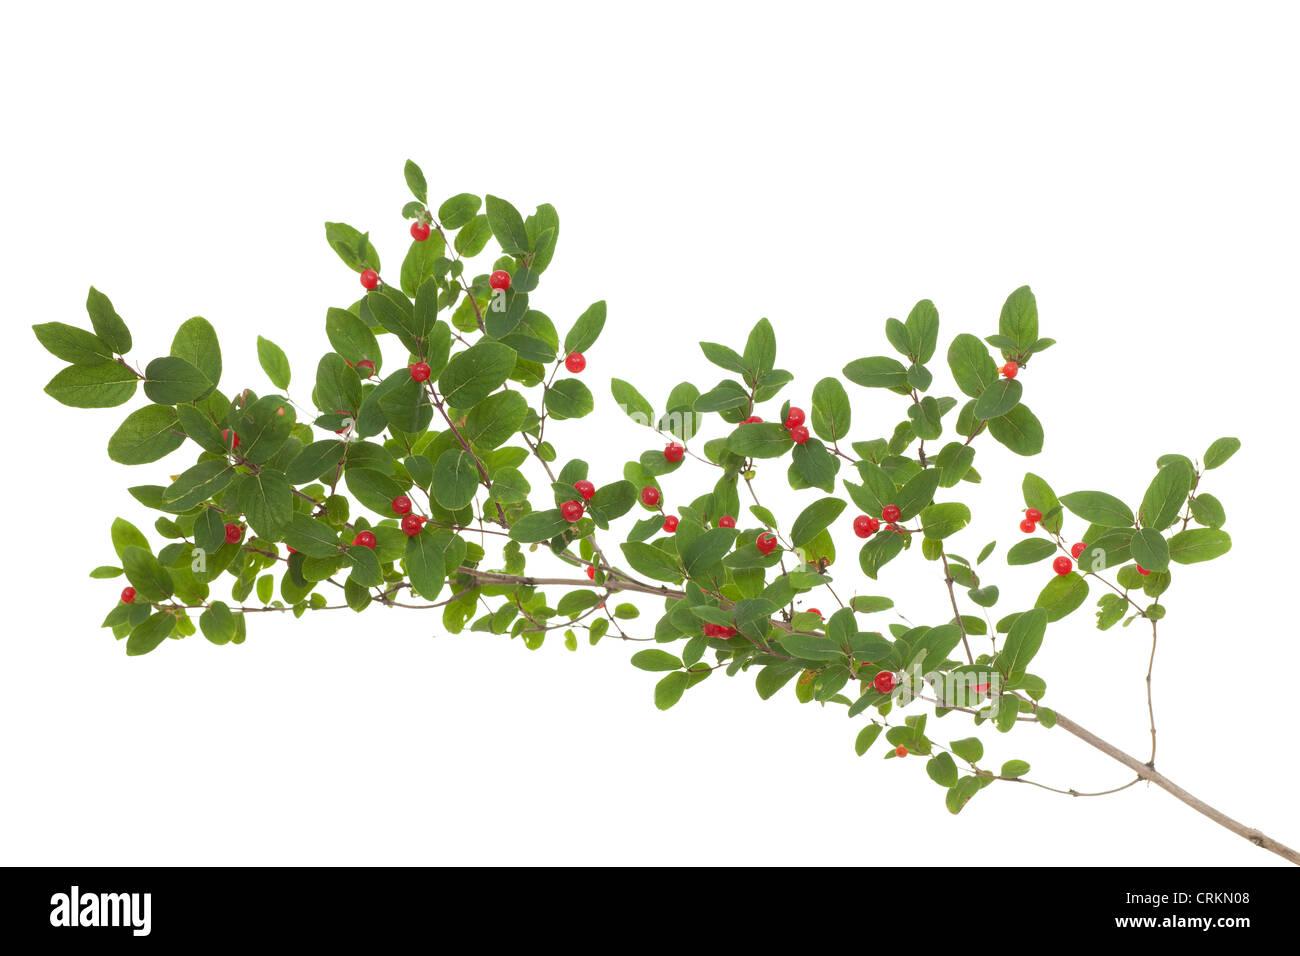 Filiale Geißblatt mit roten Früchten auf weiß Stockbild